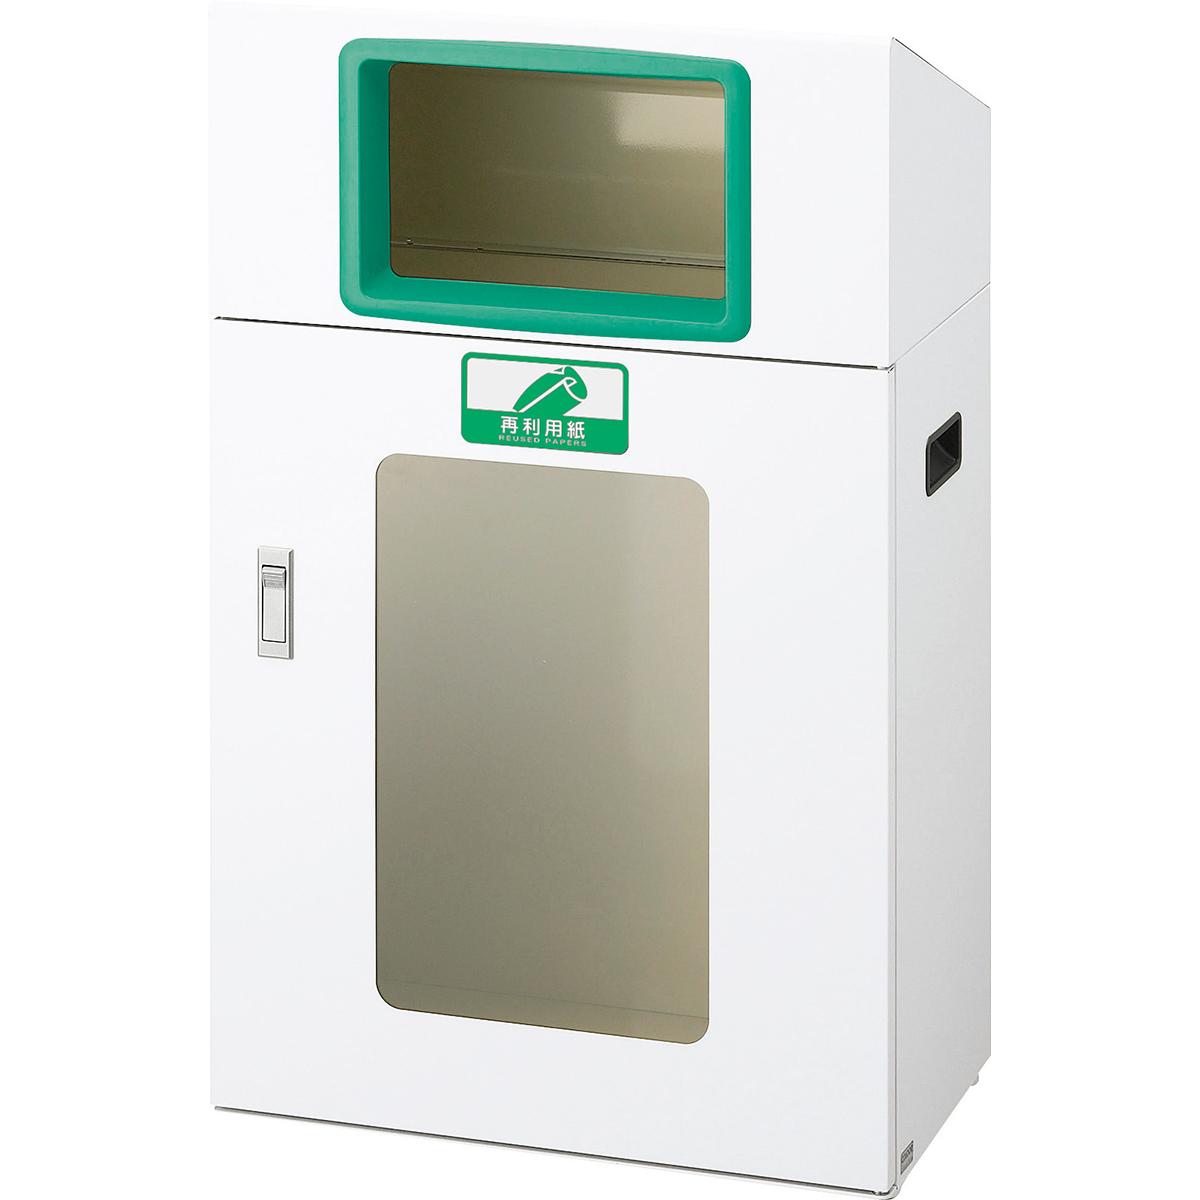 山崎産業 リサイクルボックス YOS-50 70L 再利用紙/G(緑) (代引不可) YW-345L-ID